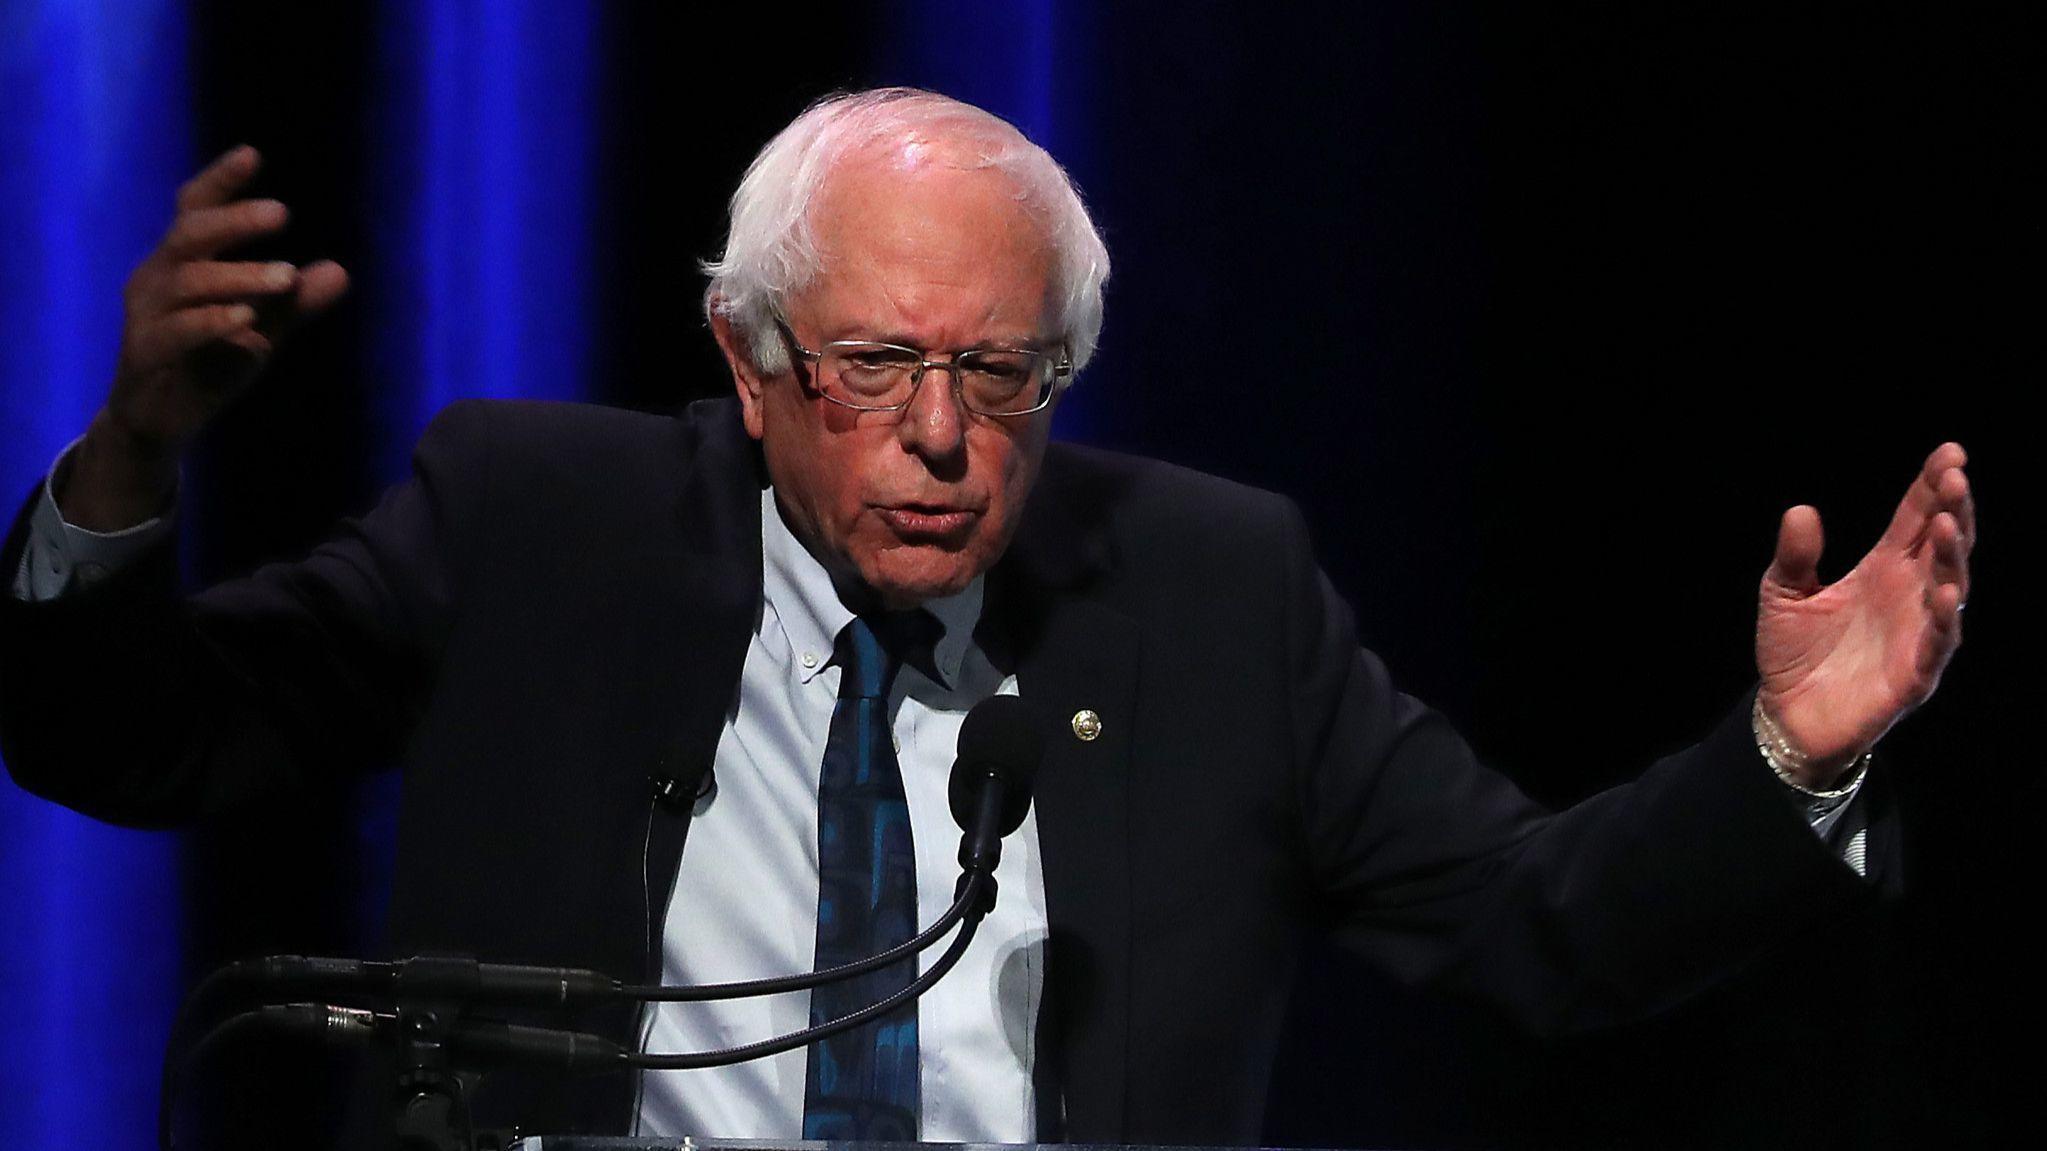 ¿Qué significa la inmensa recaudación de fondos de Bernie Sanders?